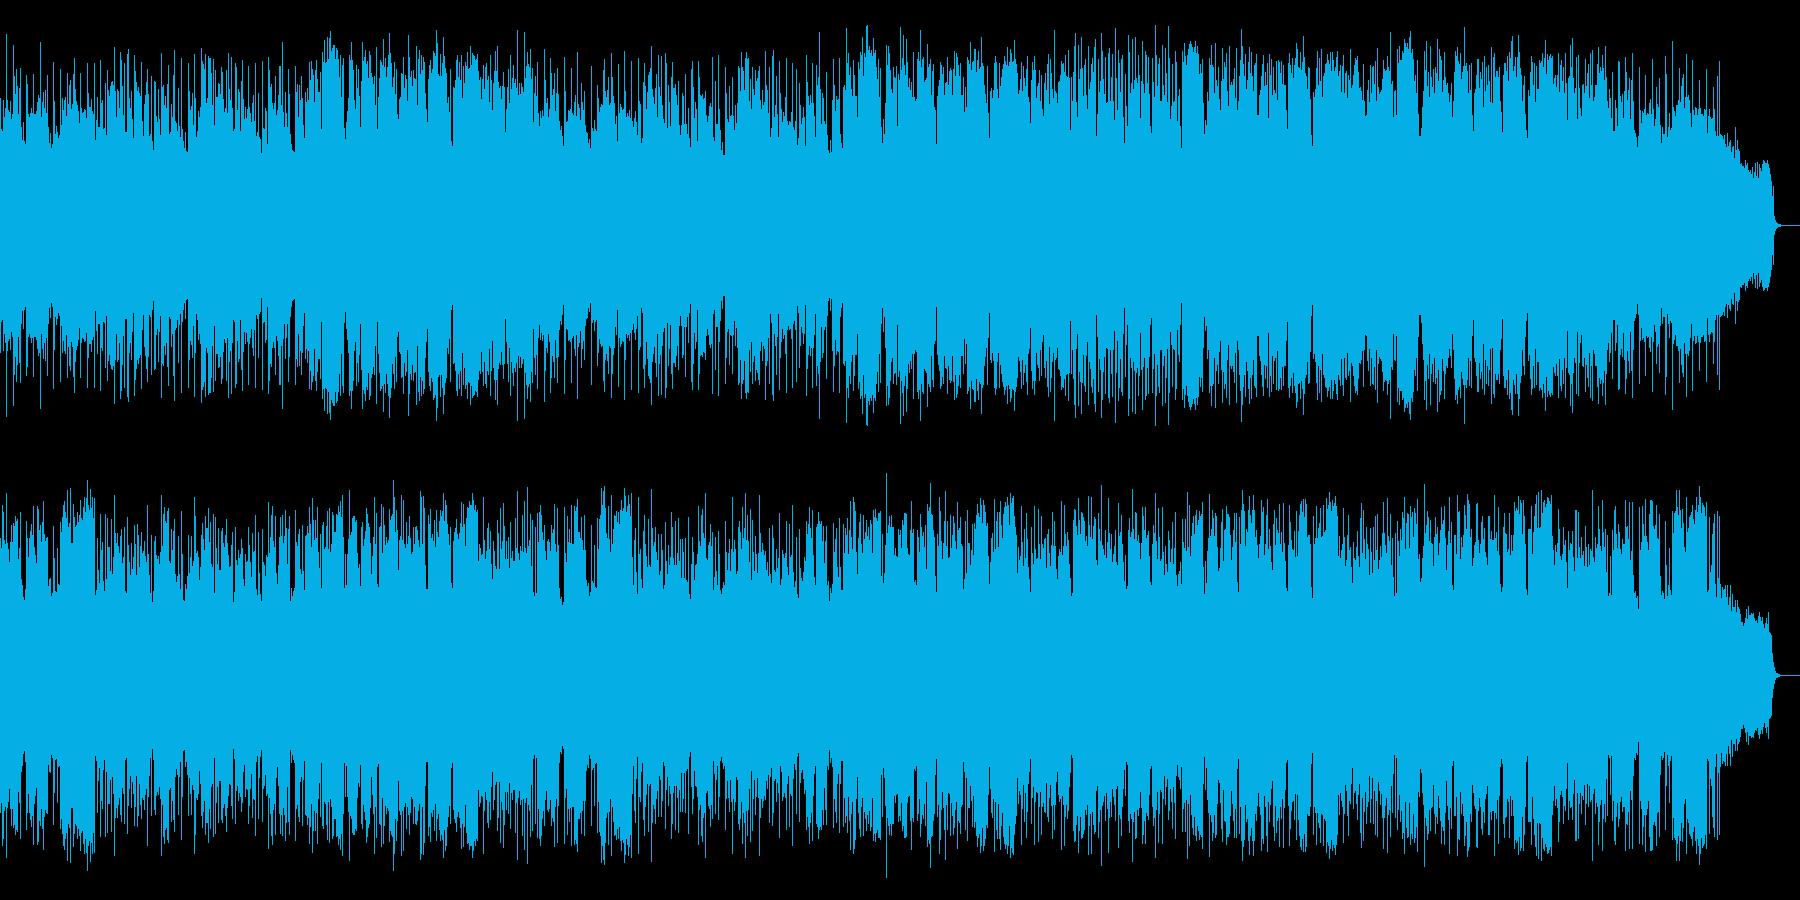 管楽器とピアノによる優しく切ないバラードの再生済みの波形